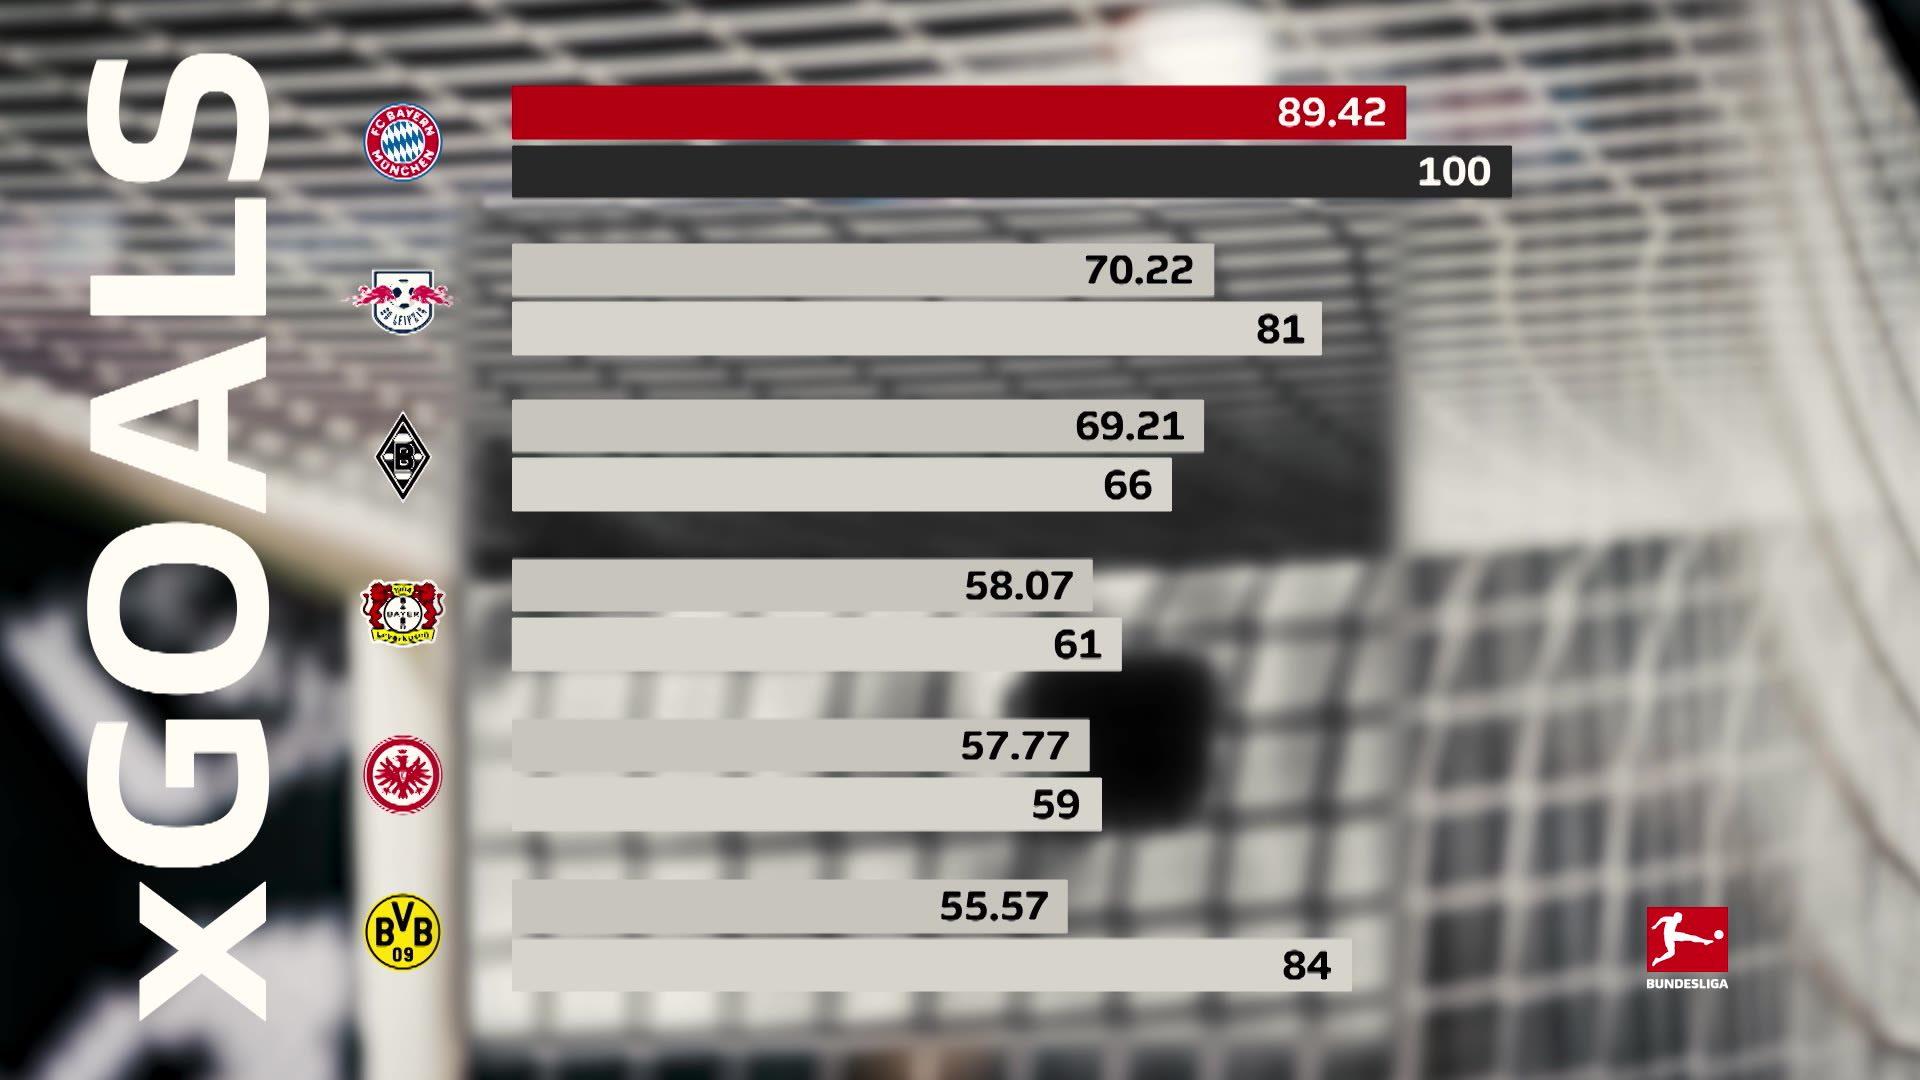 Chancenverwertung: Der Schlüssel gegen die Bayern